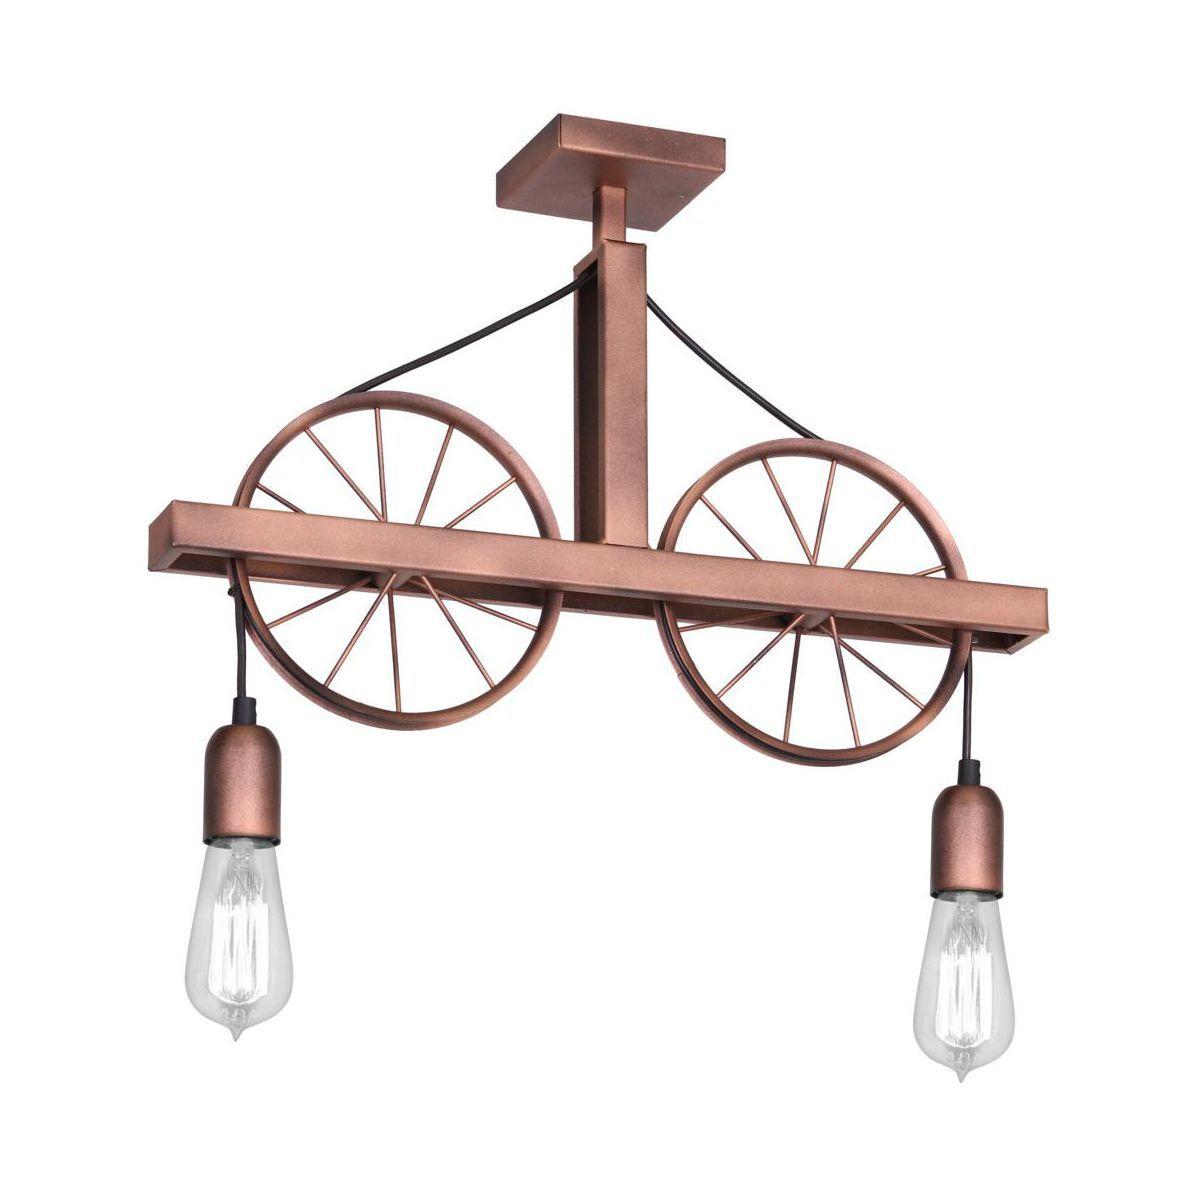 Lampa Wiszaca Min Aldex Import Export Lampy Sufitowe Zyrandole Plafony W Atrakcyjnej Cenie W Sklepach Leroy Merlin Bulb Ceiling Lights Swag Light